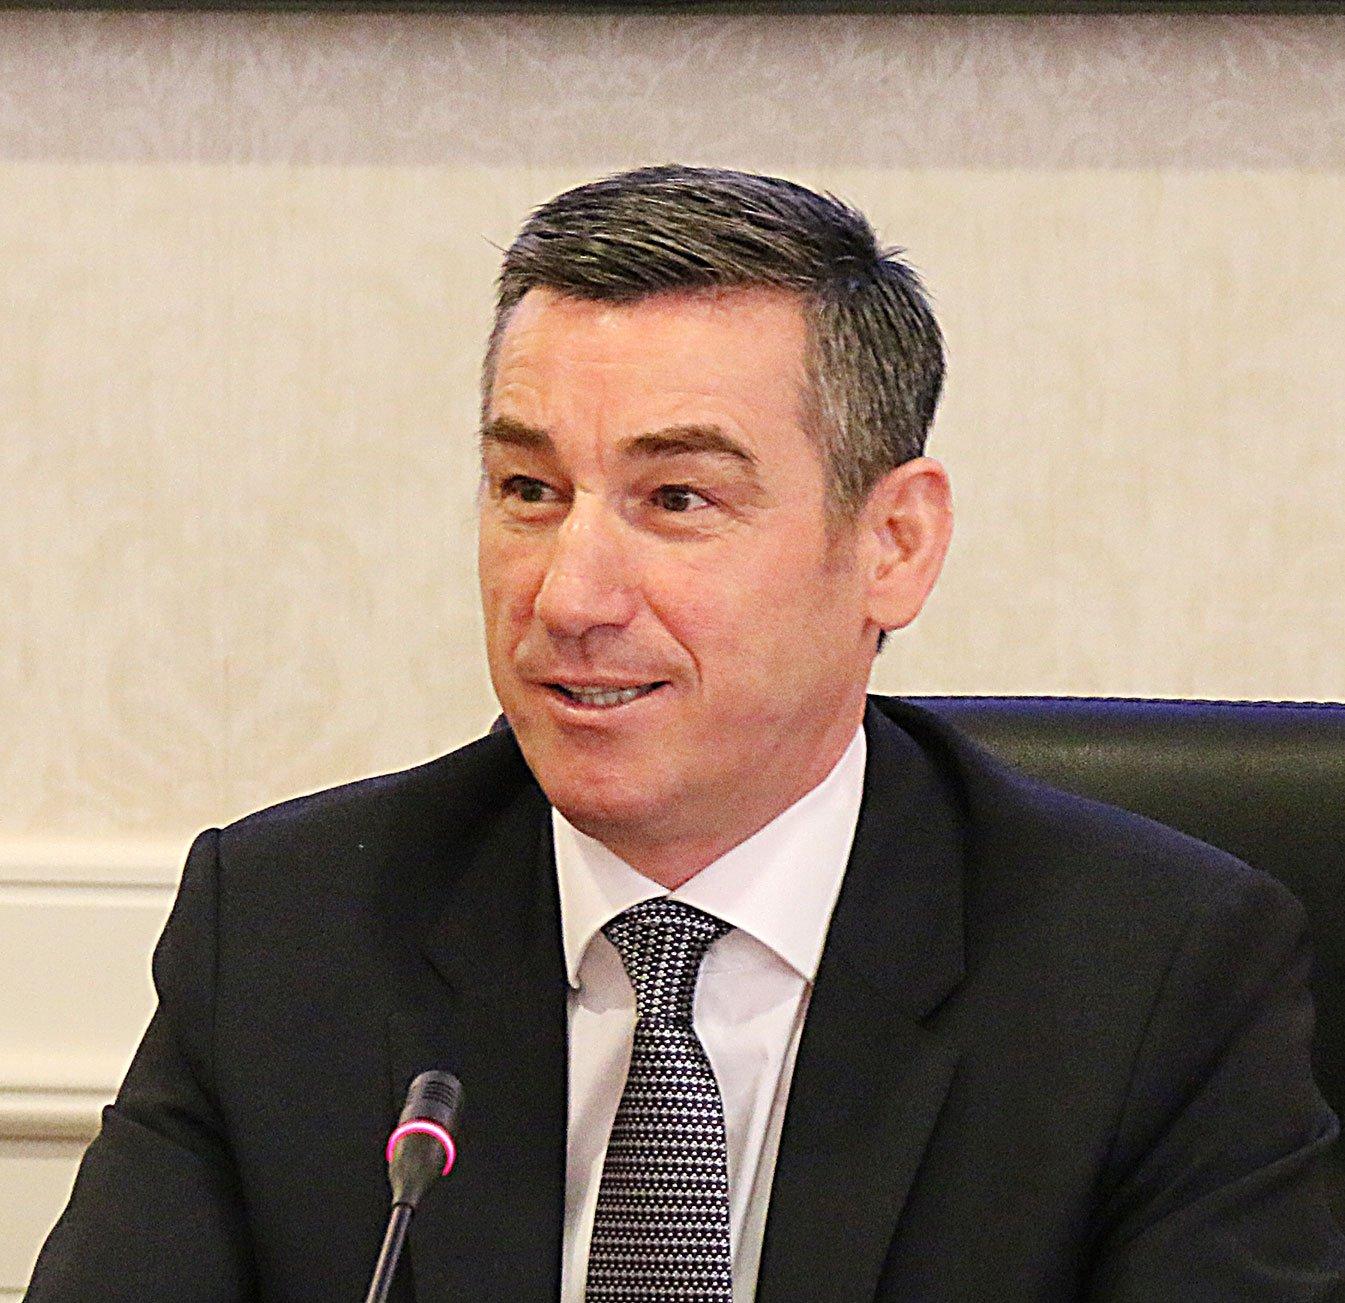 Haxhiu thotë se Kadri Veseli po angazhohet për t'ia bërë votat rezolutës së PSD'së